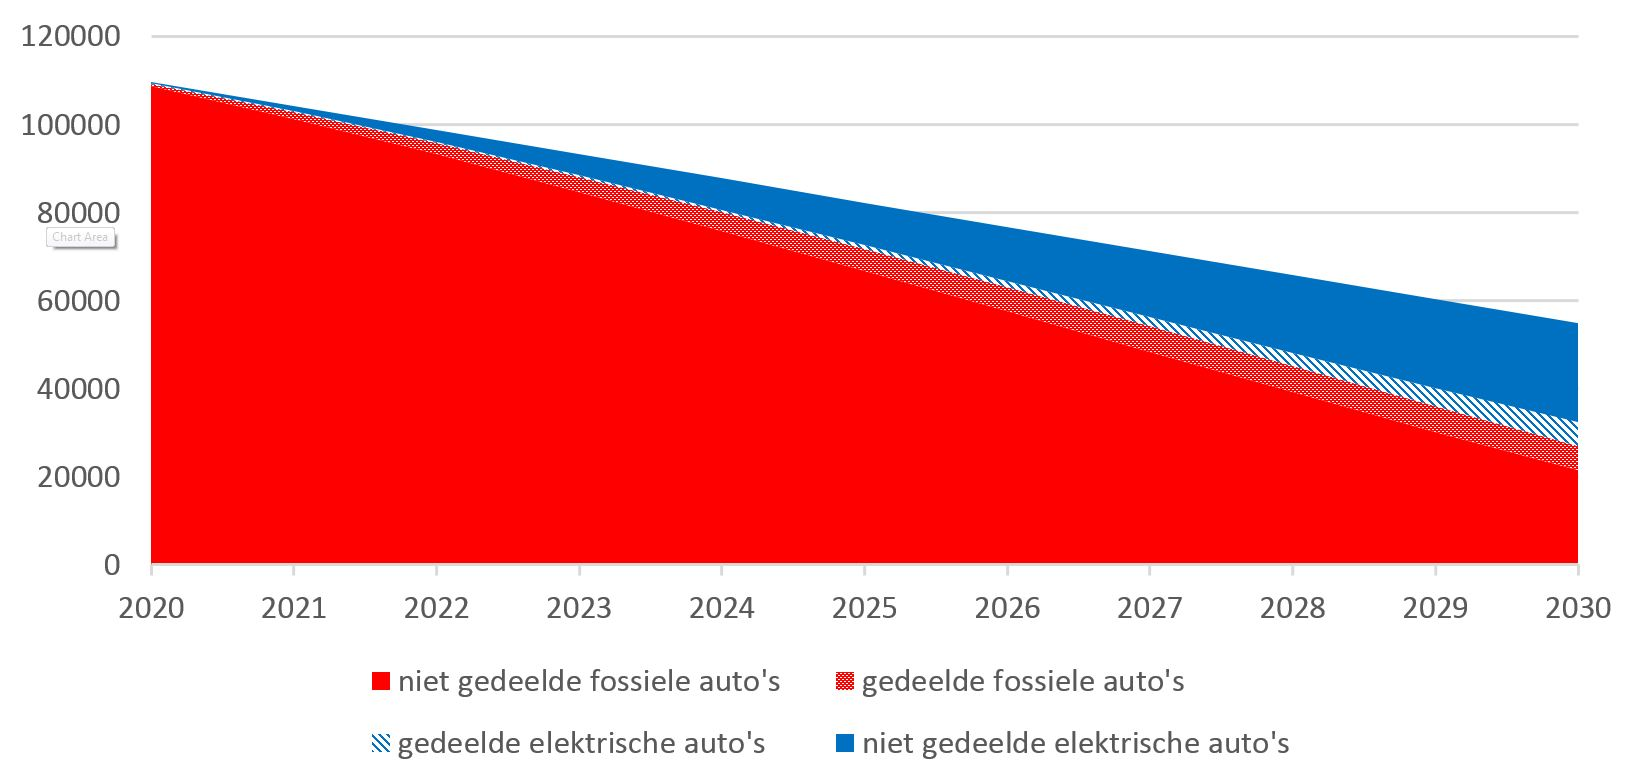 Evolutie van het aantal fossiele en elektrische auto's in Gent bij een actief beleid gericht op een halvering van het aantal auto's in de stad tegen 2030